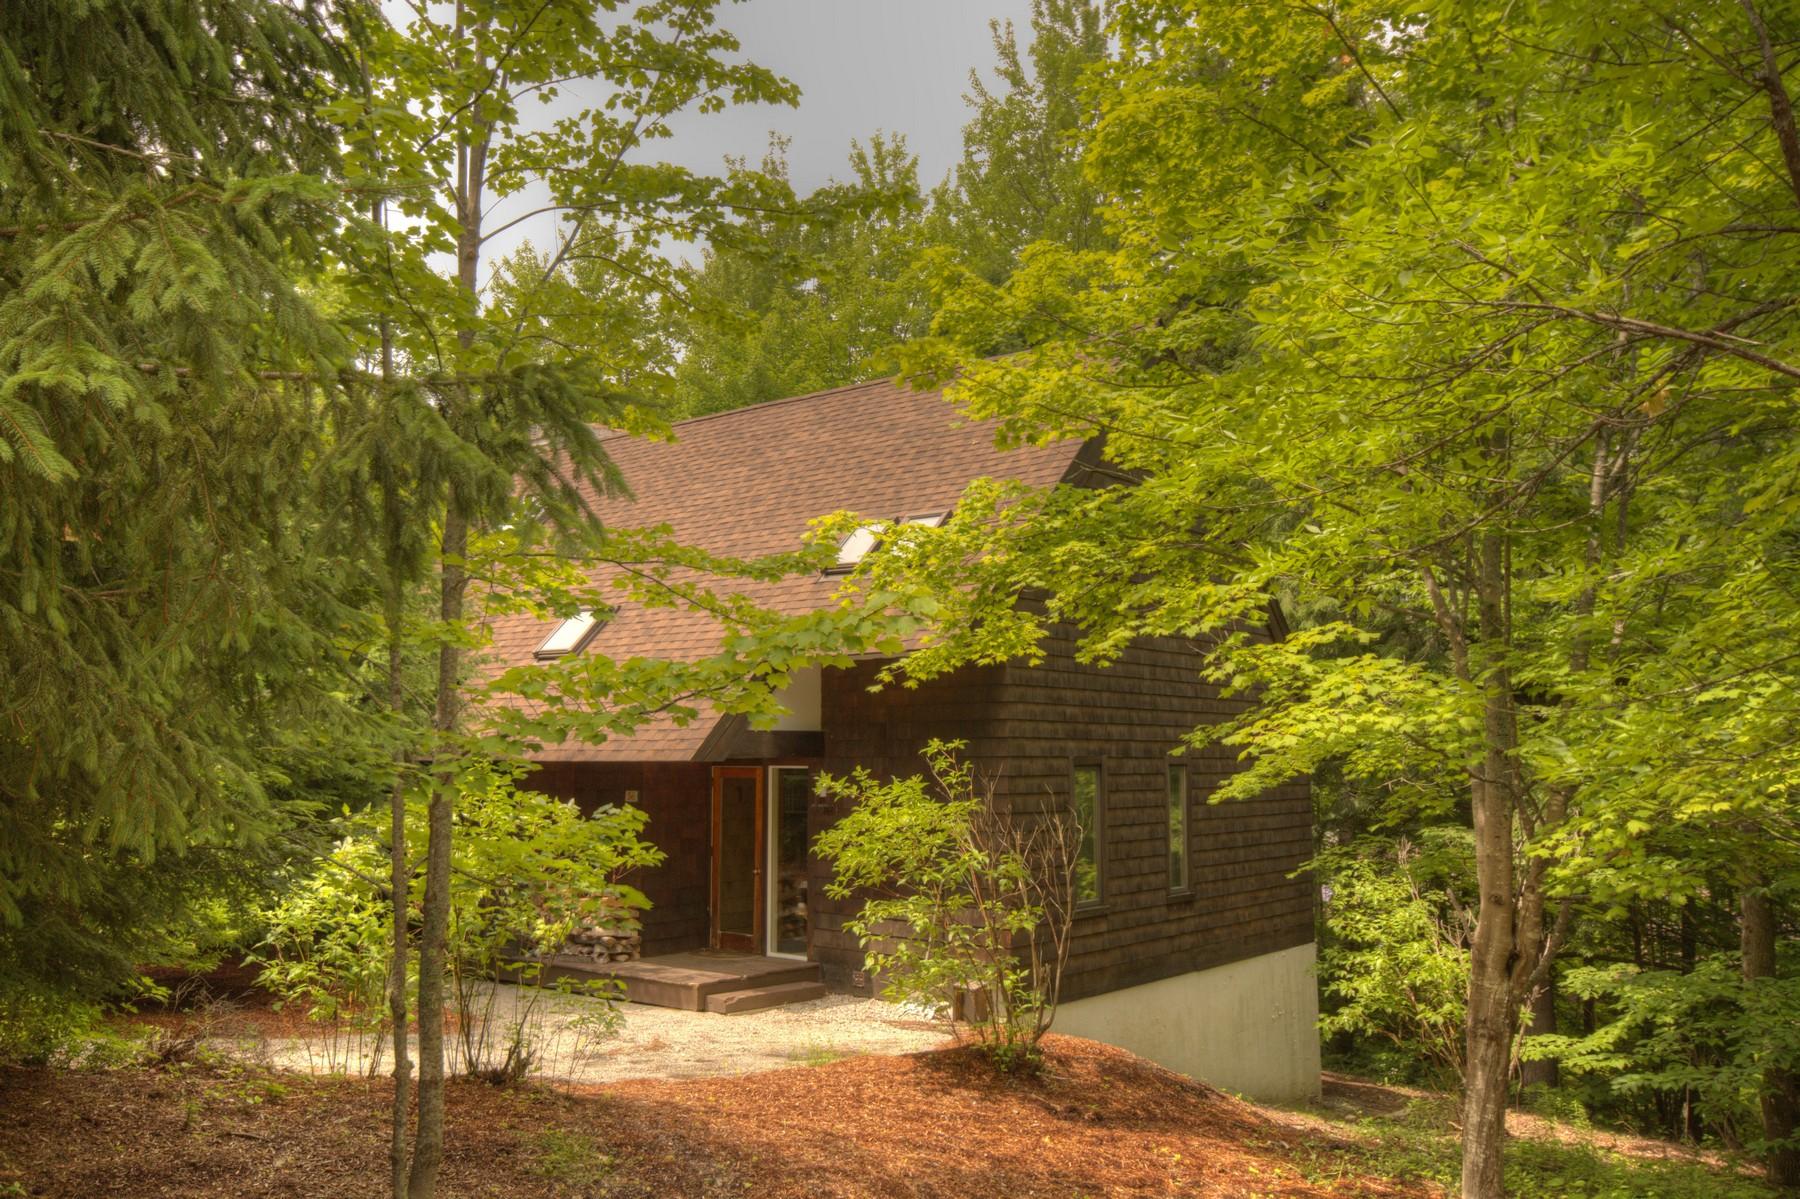 Condomínio para Venda às 56A Hilltop Rd 56A, Winhall Winhall, Vermont, 05340 Estados Unidos